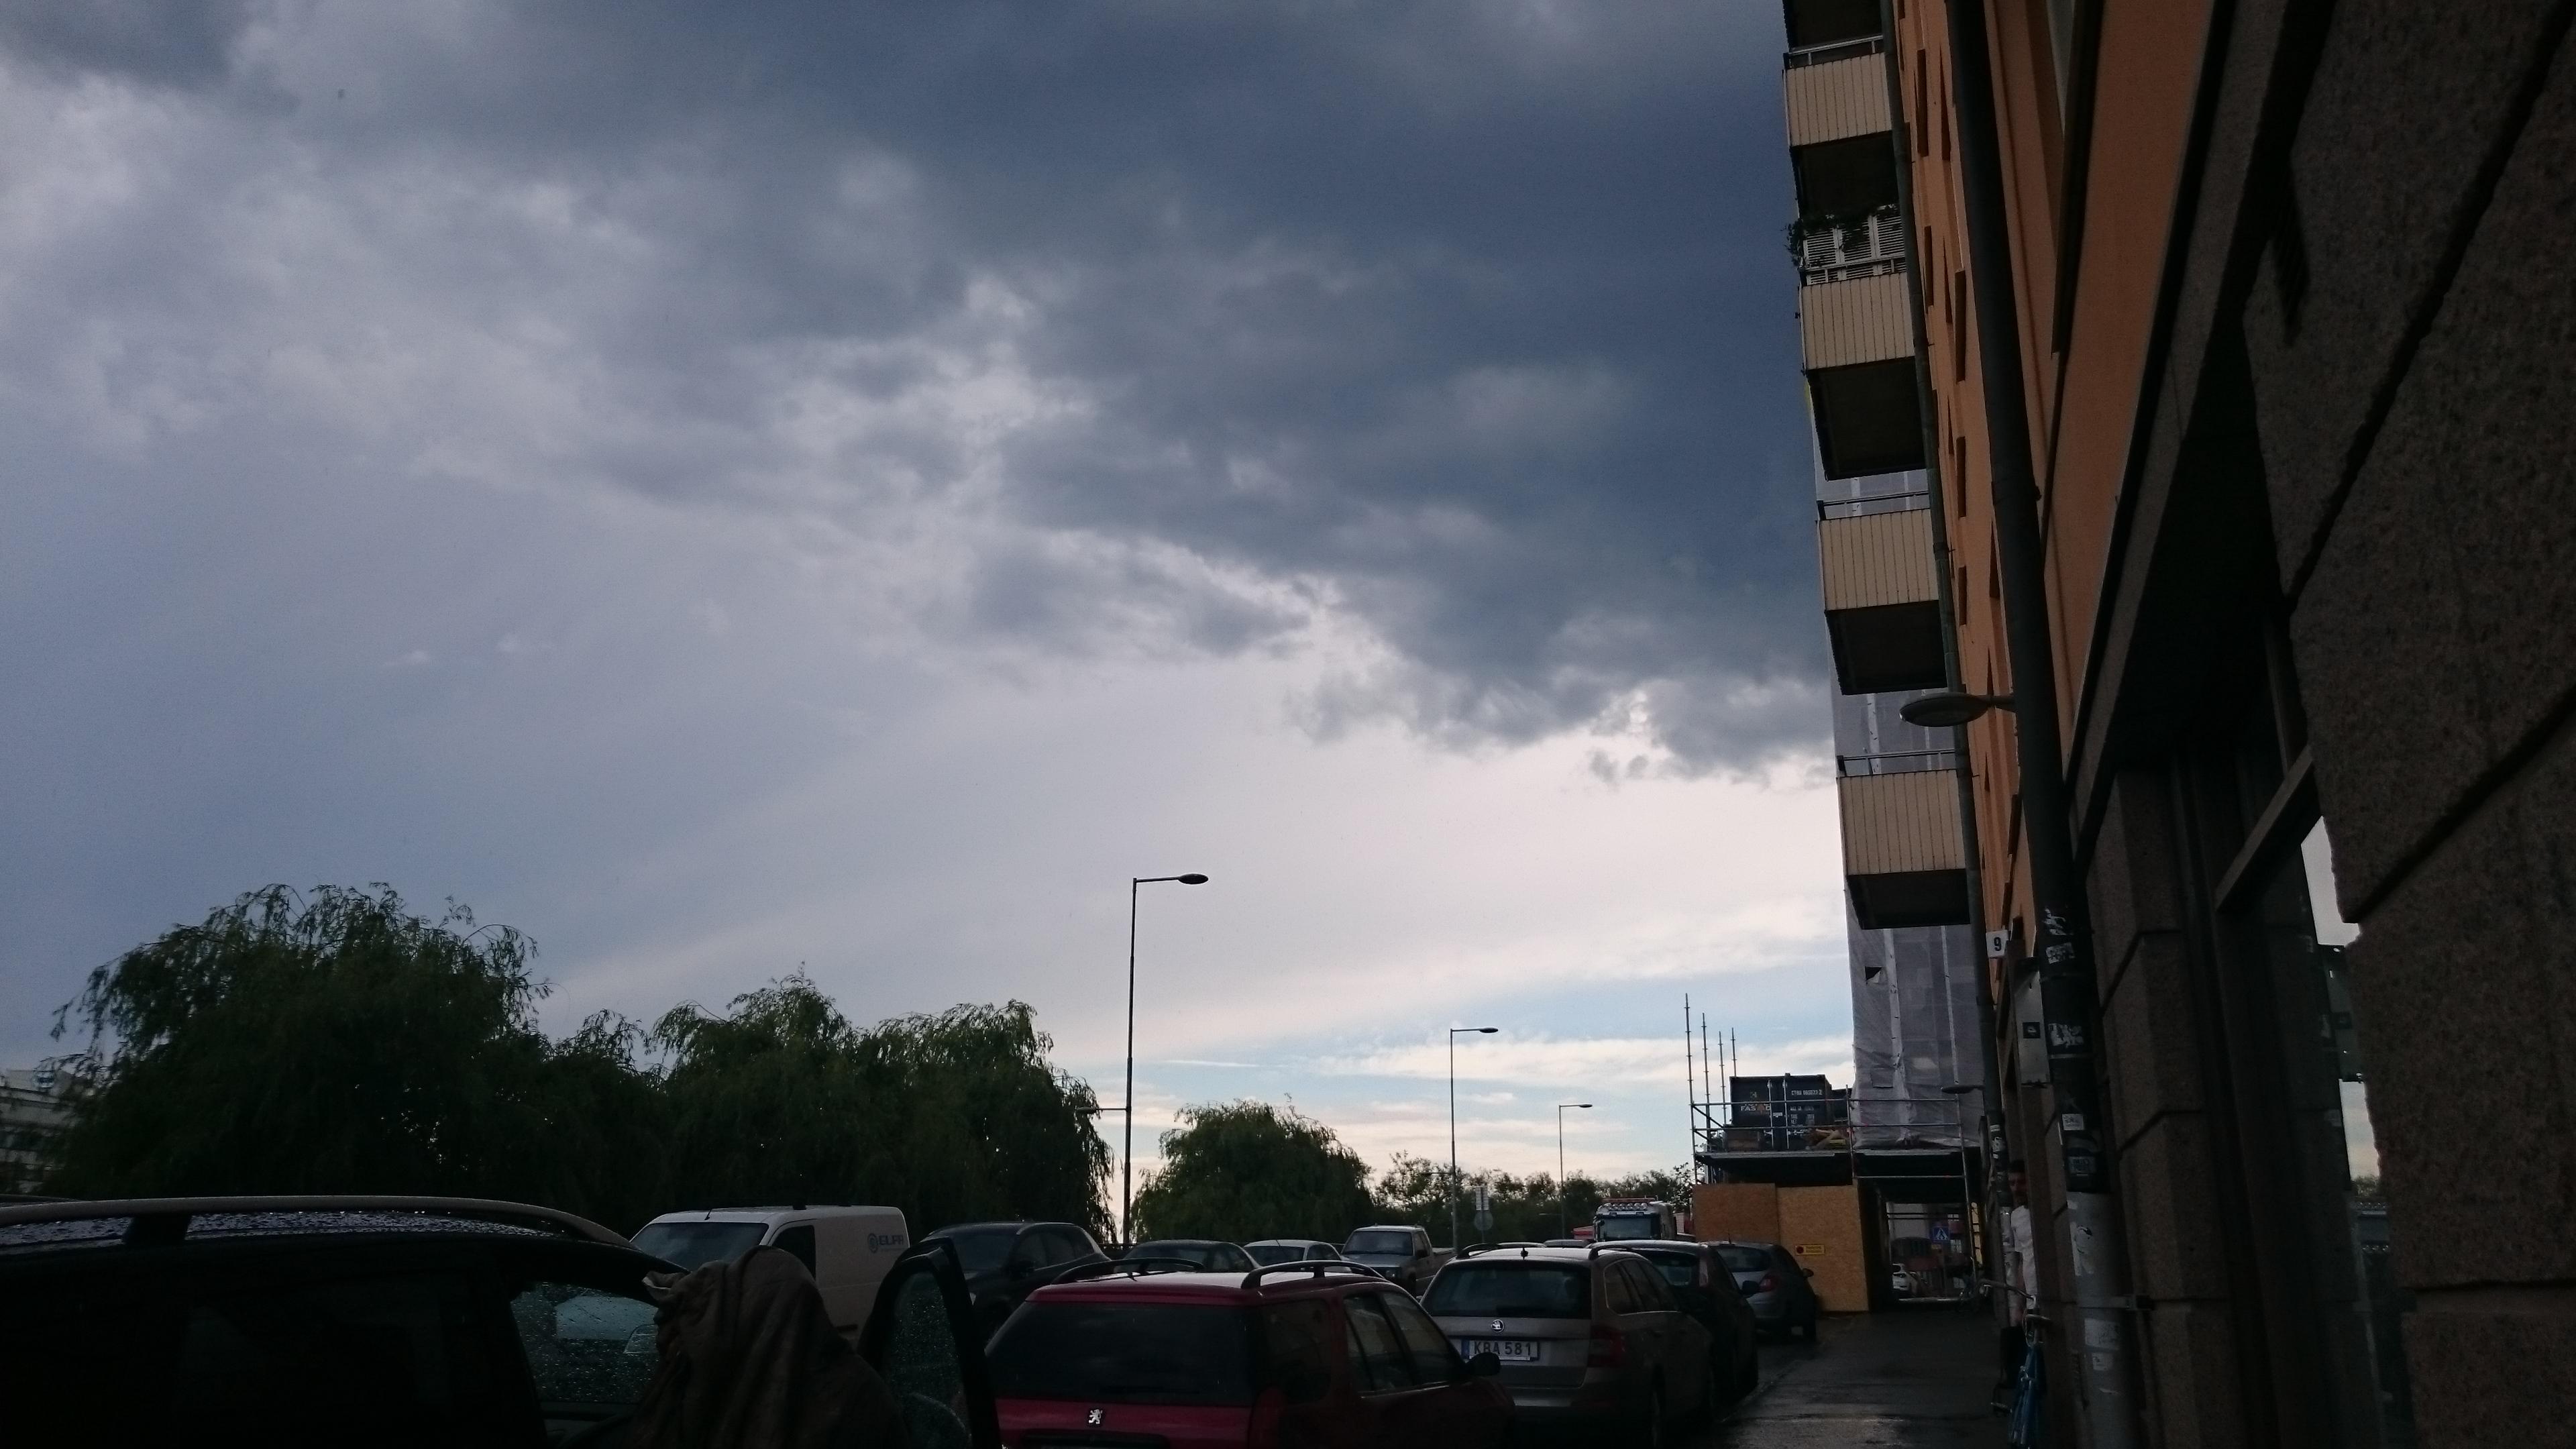 ...då ett mörkt moln plötsligt drog in...